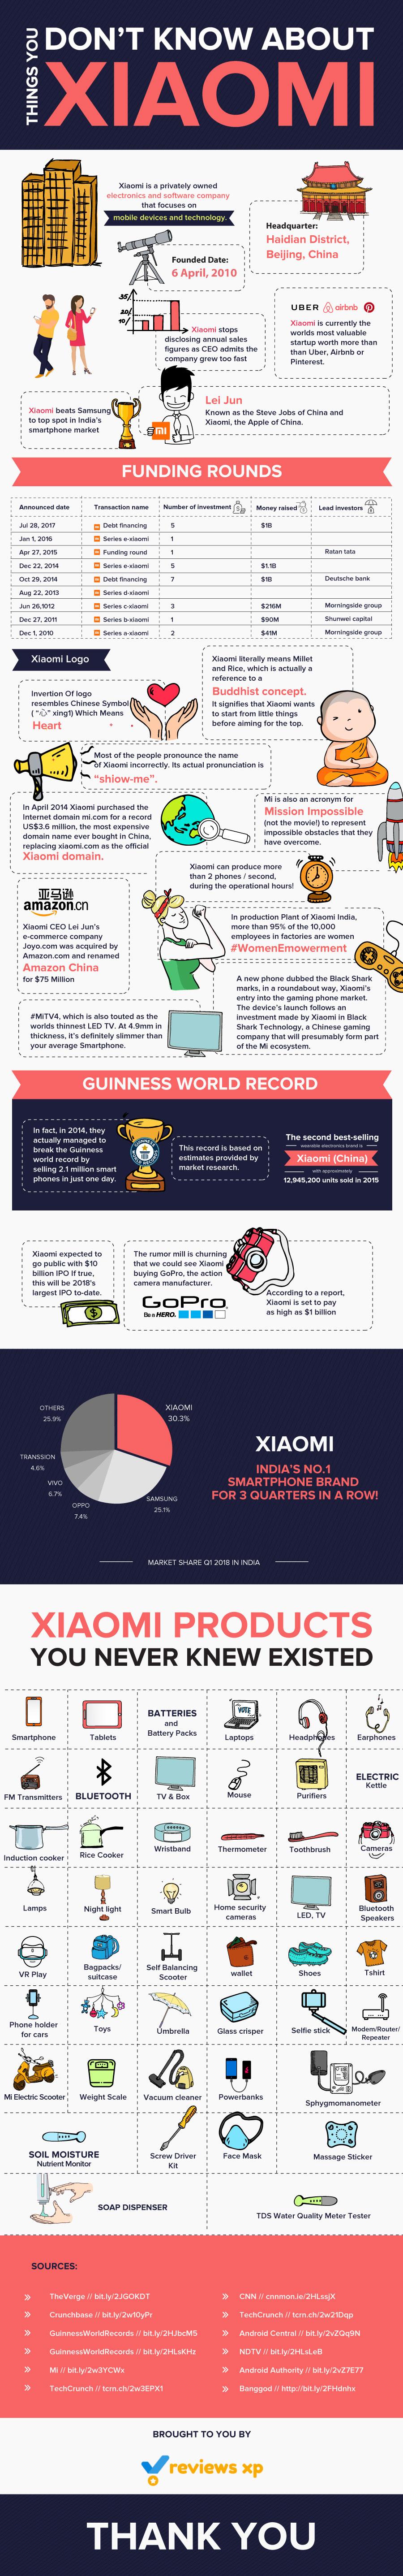 Xiaomi infographic